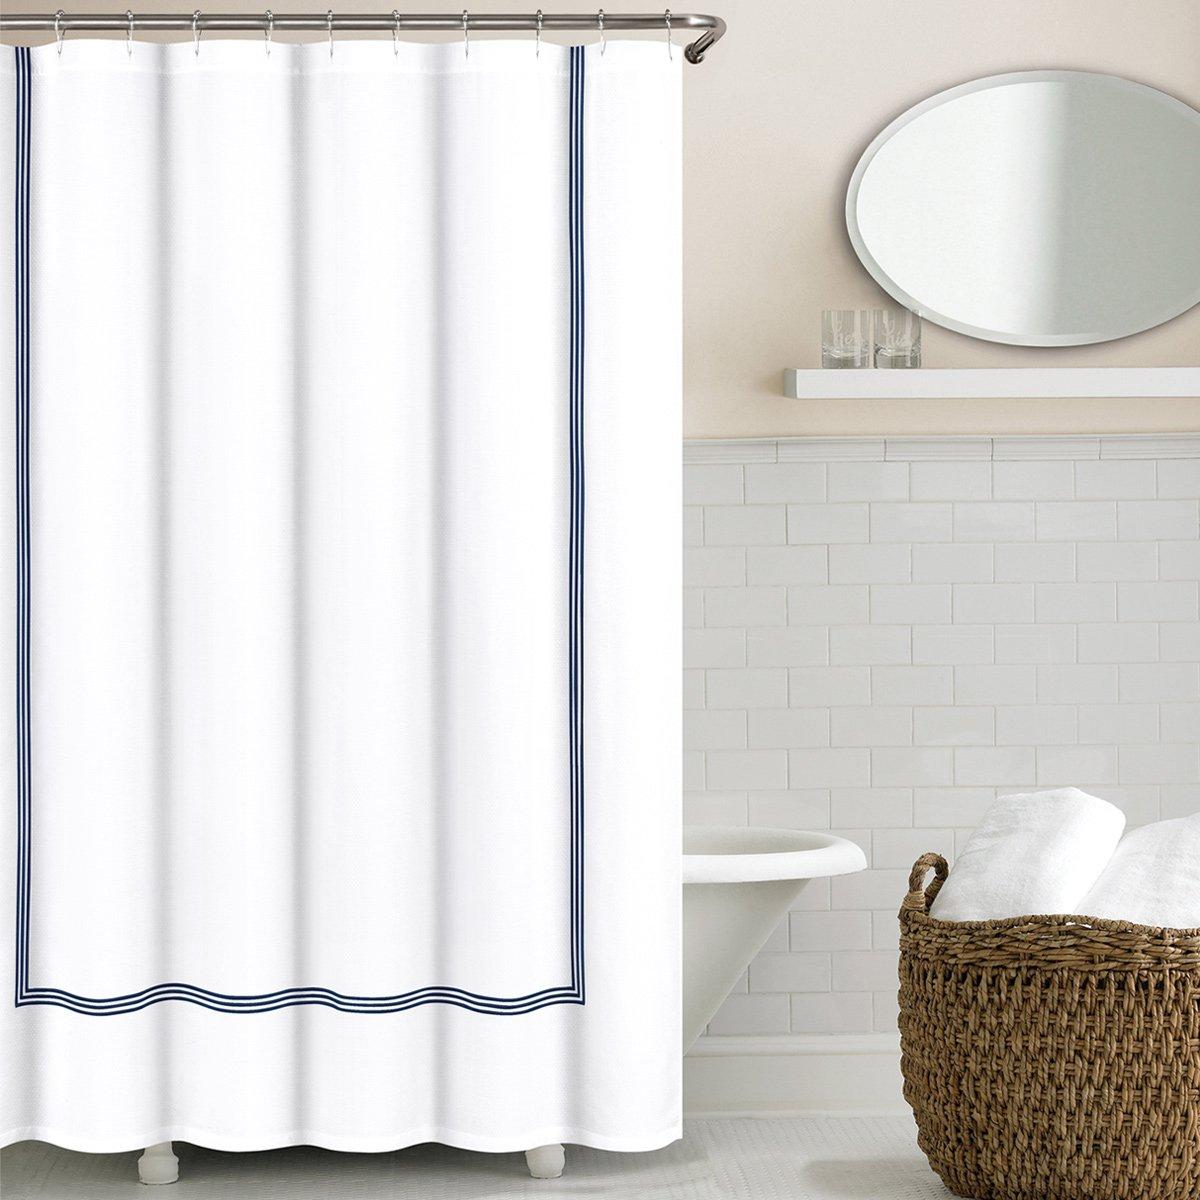 Amazon Echelon Home Collection Navy Hotel Three Line Shower Curtain Kitchen